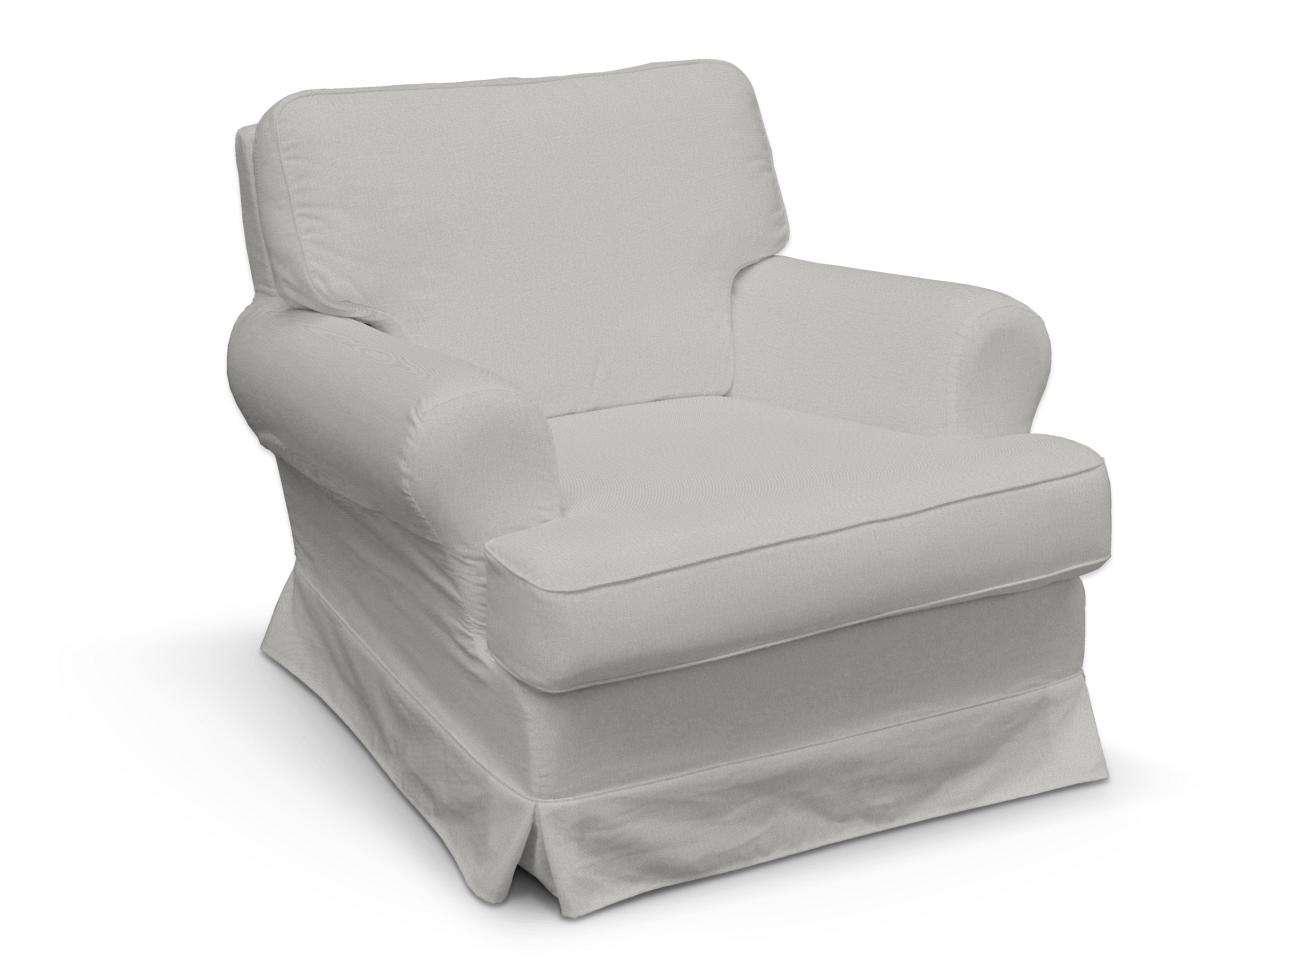 Pokrowiec na fotel Barkaby w kolekcji Etna , tkanina: 705-90